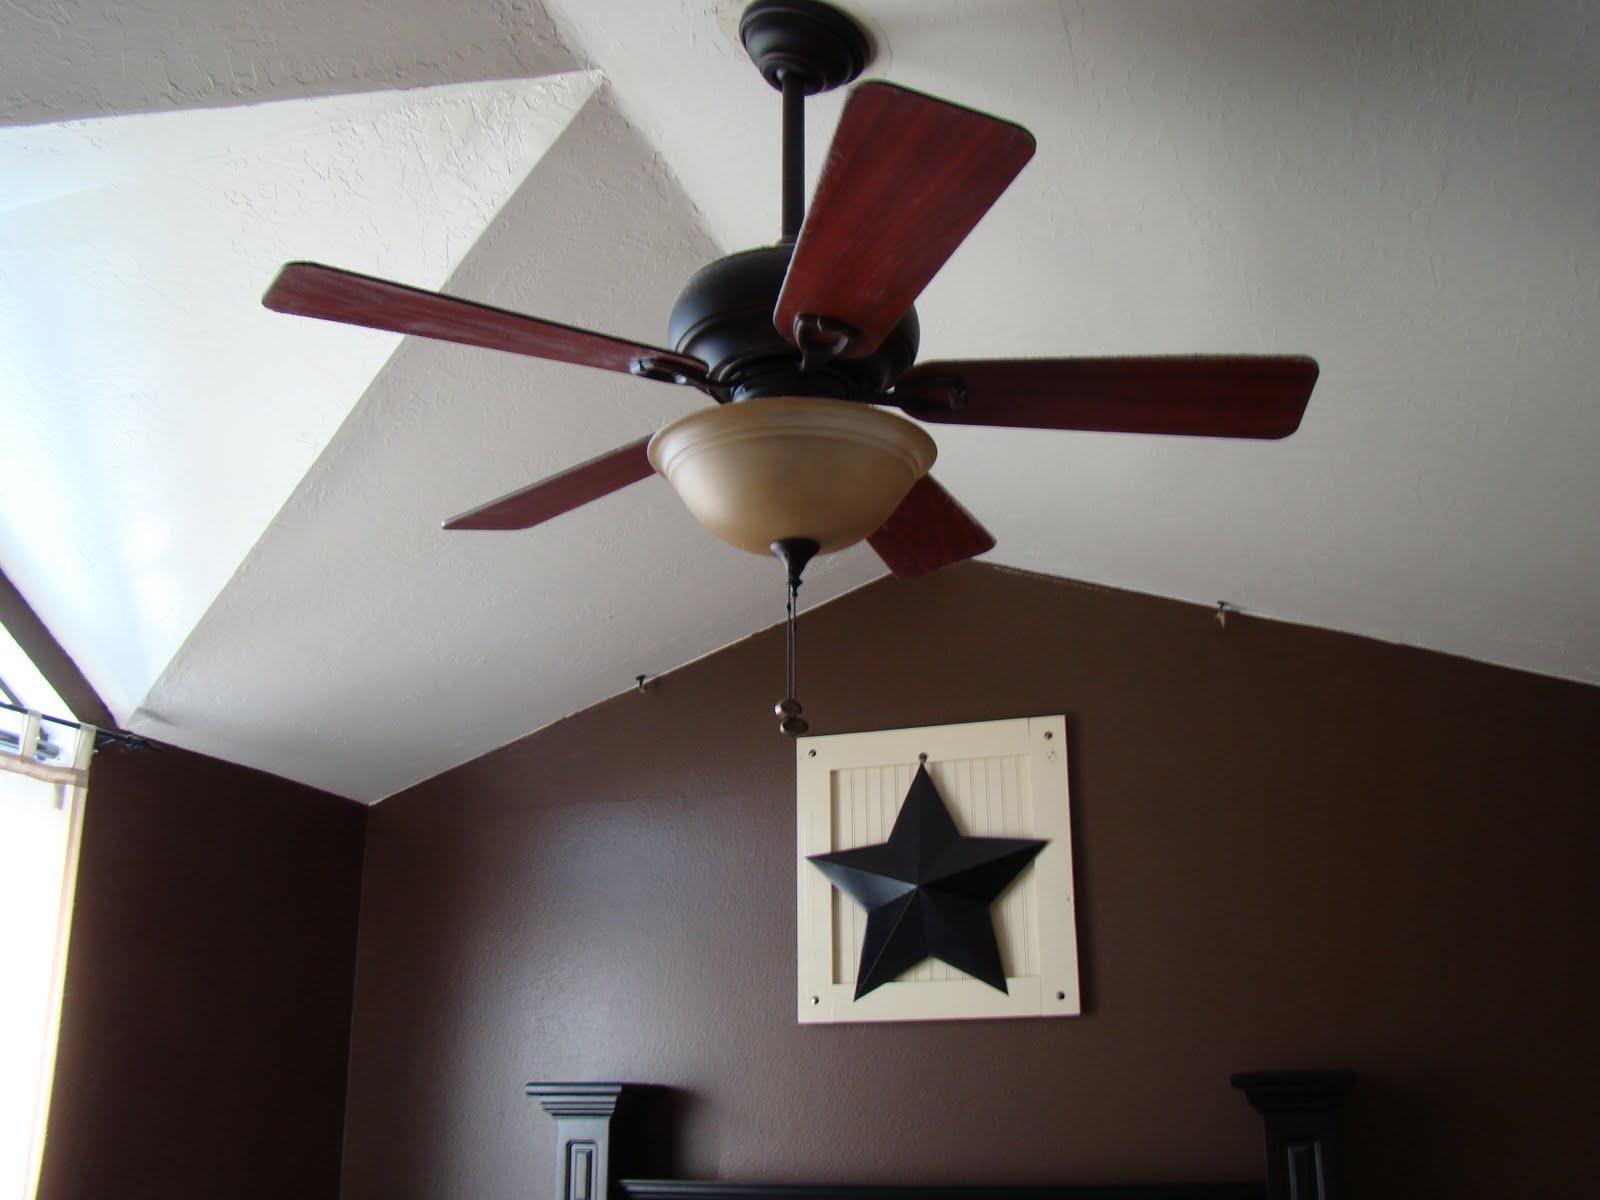 Dale earnhardt ceiling fan The Best Type of Fan to Use When